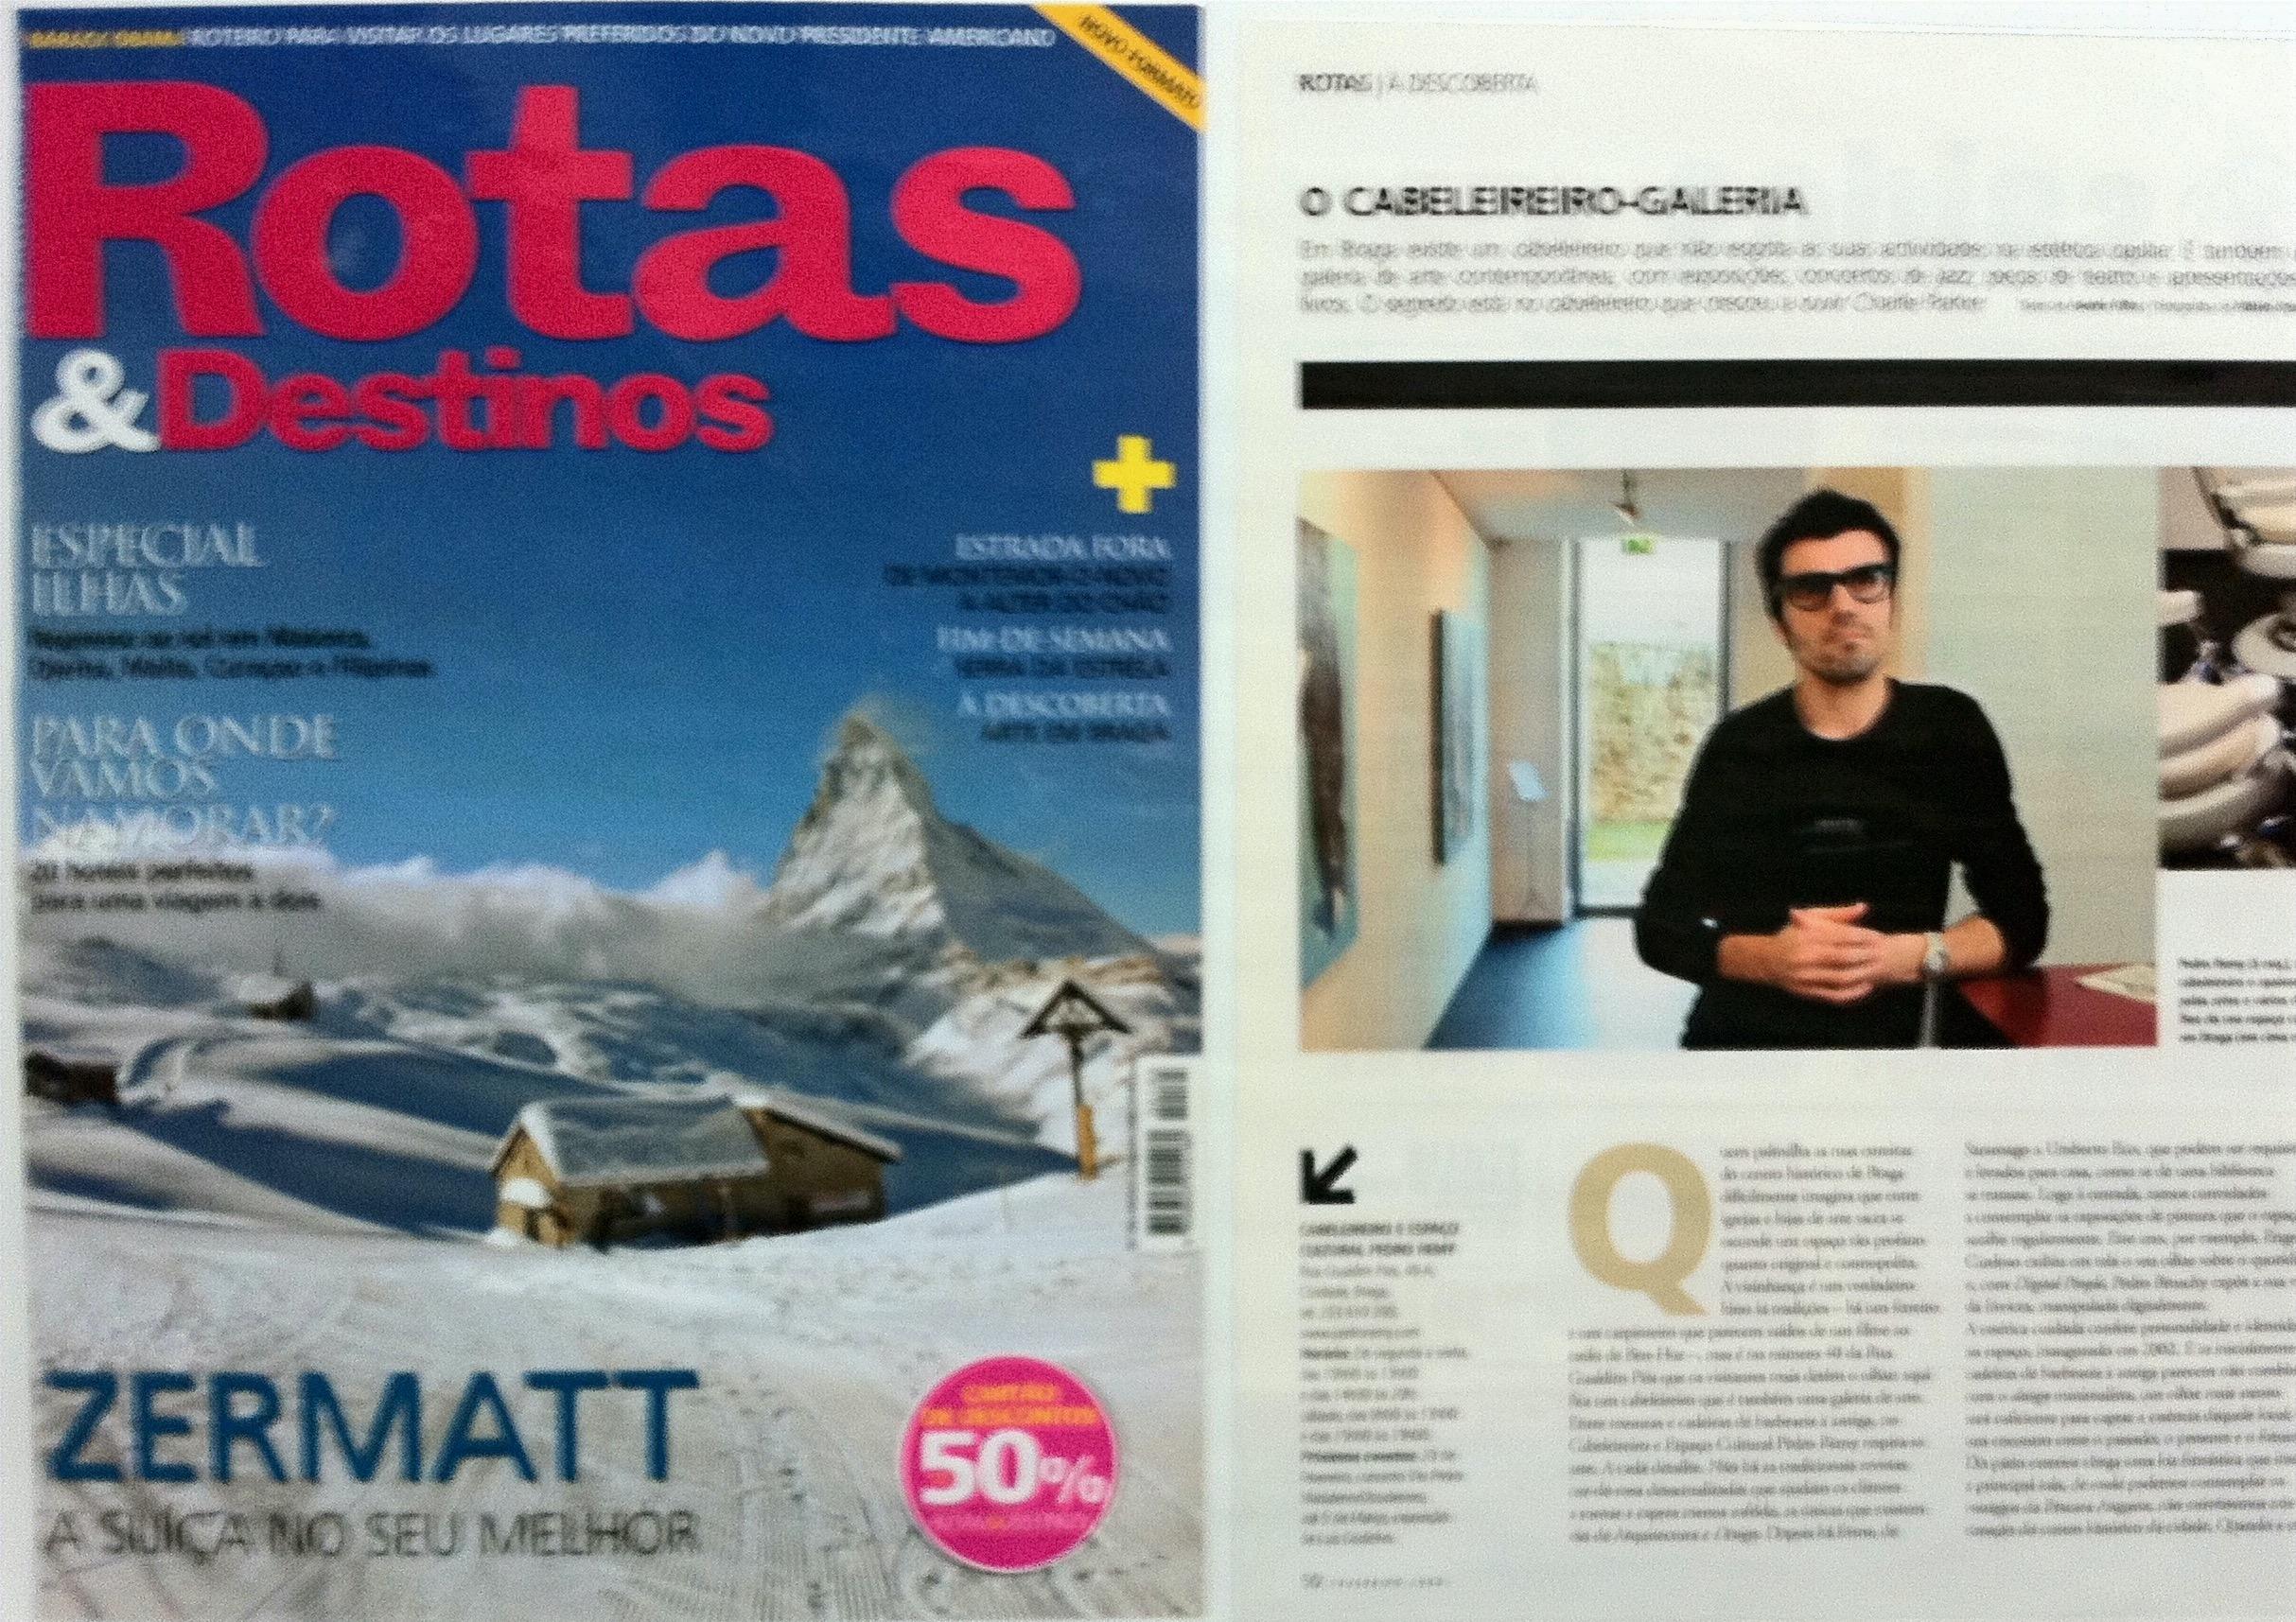 Revista Rotas e Destinos